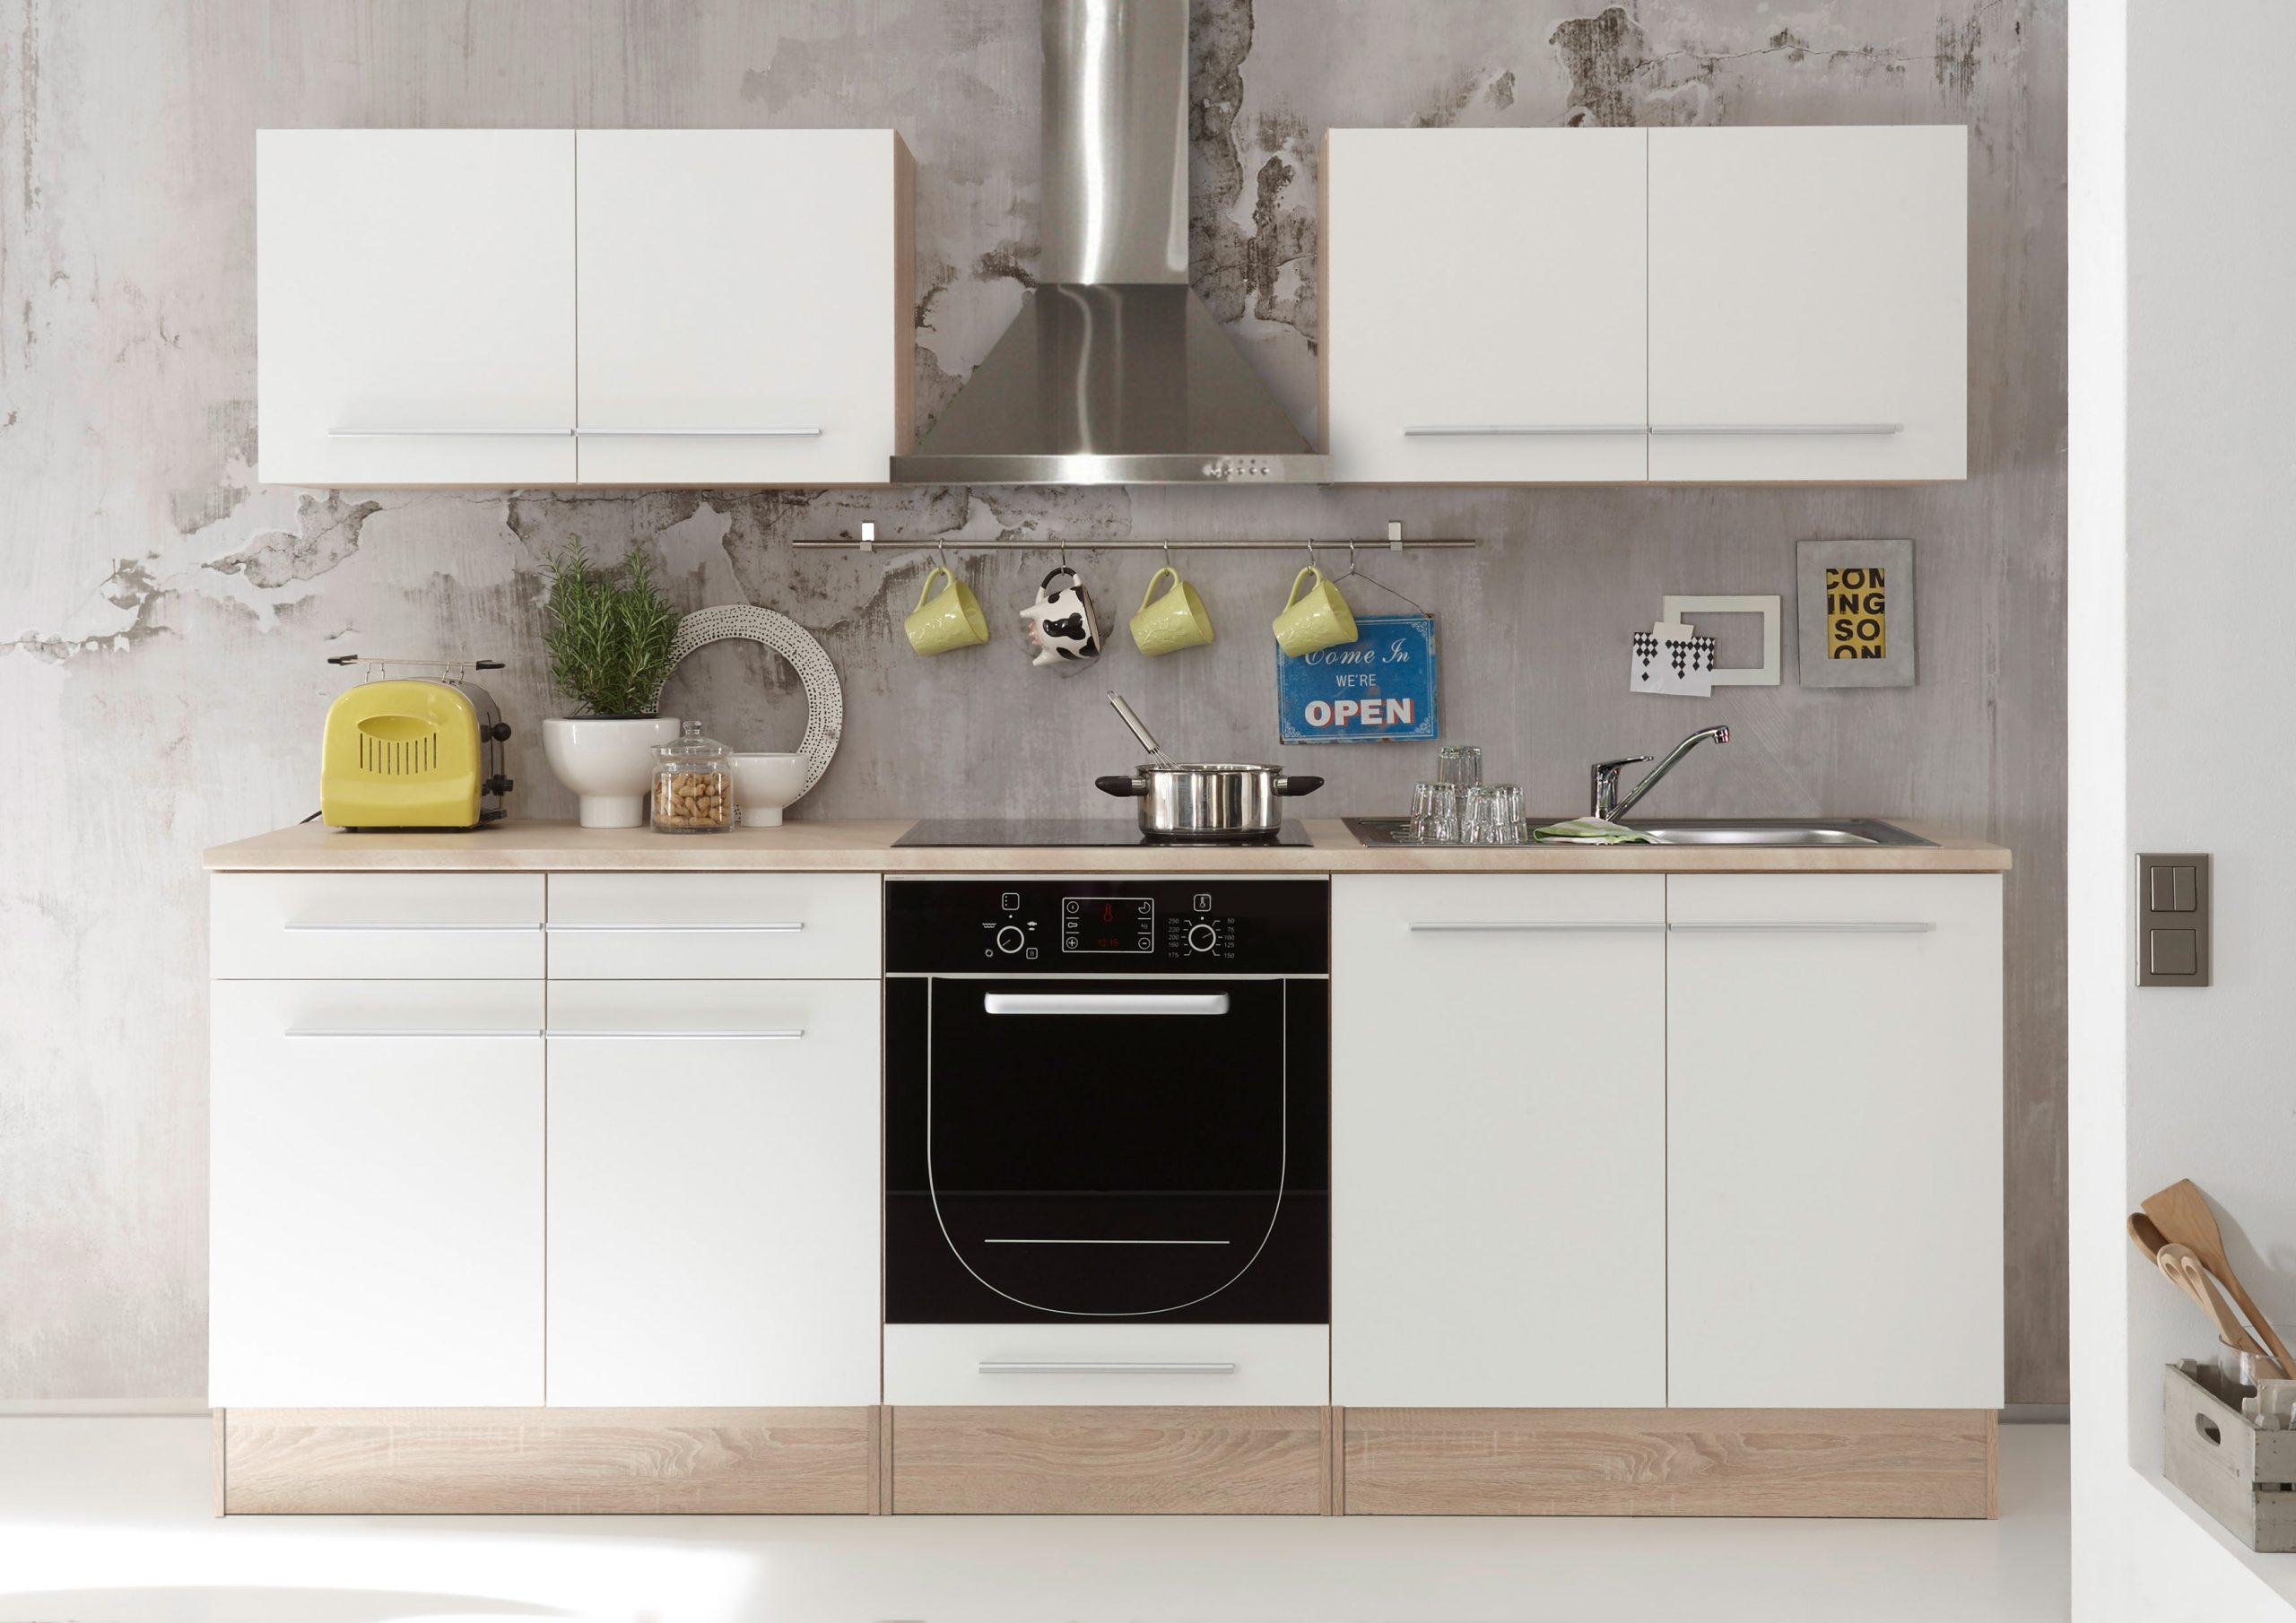 Full Size of Miniküche Kühlschrank Austauschen Miniküche Mit Ceranfeld Ohne Kühlschrank Miniküche Mit Kühlschrank Und Geschirrspüler Miniküche 120 Cm Breit Mit Kühlschrank Küche Miniküche Mit Kühlschrank